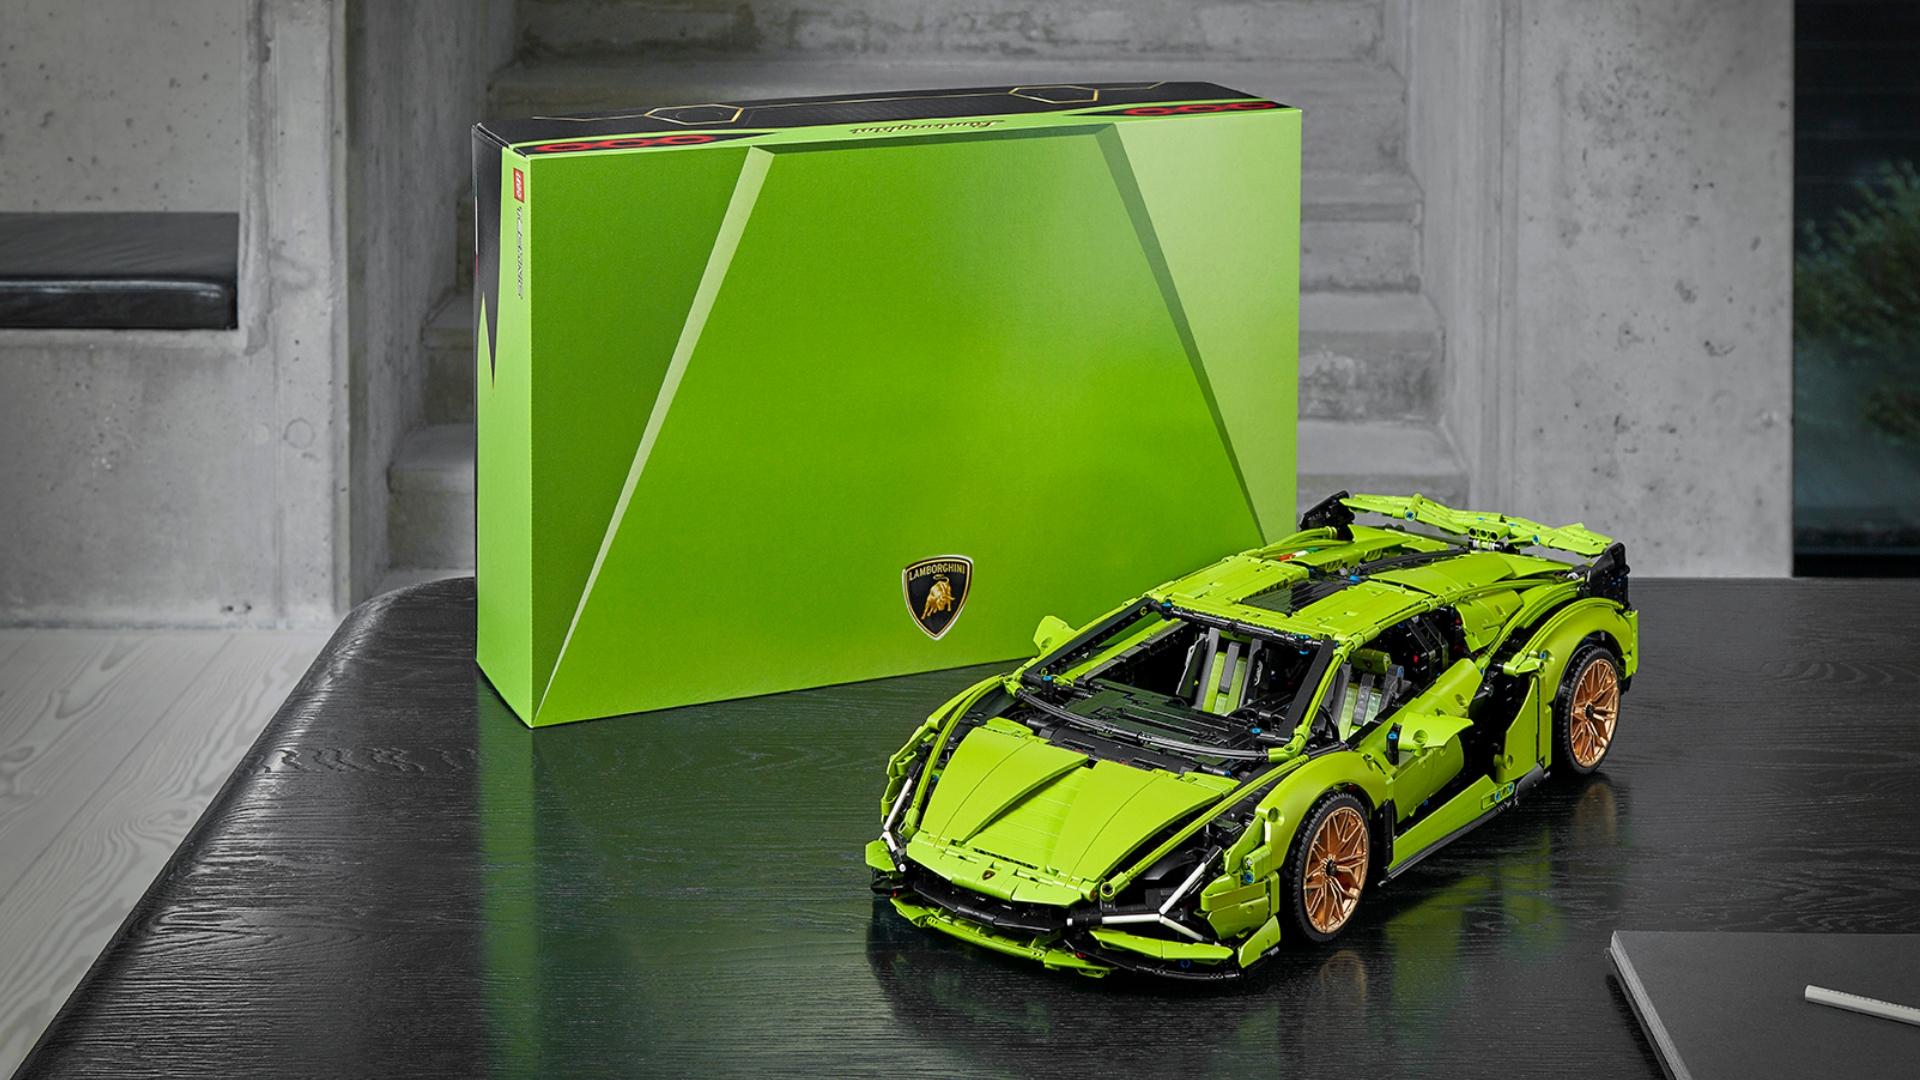 Lamborghini and LEGO Group recreate the Sián FKP 37